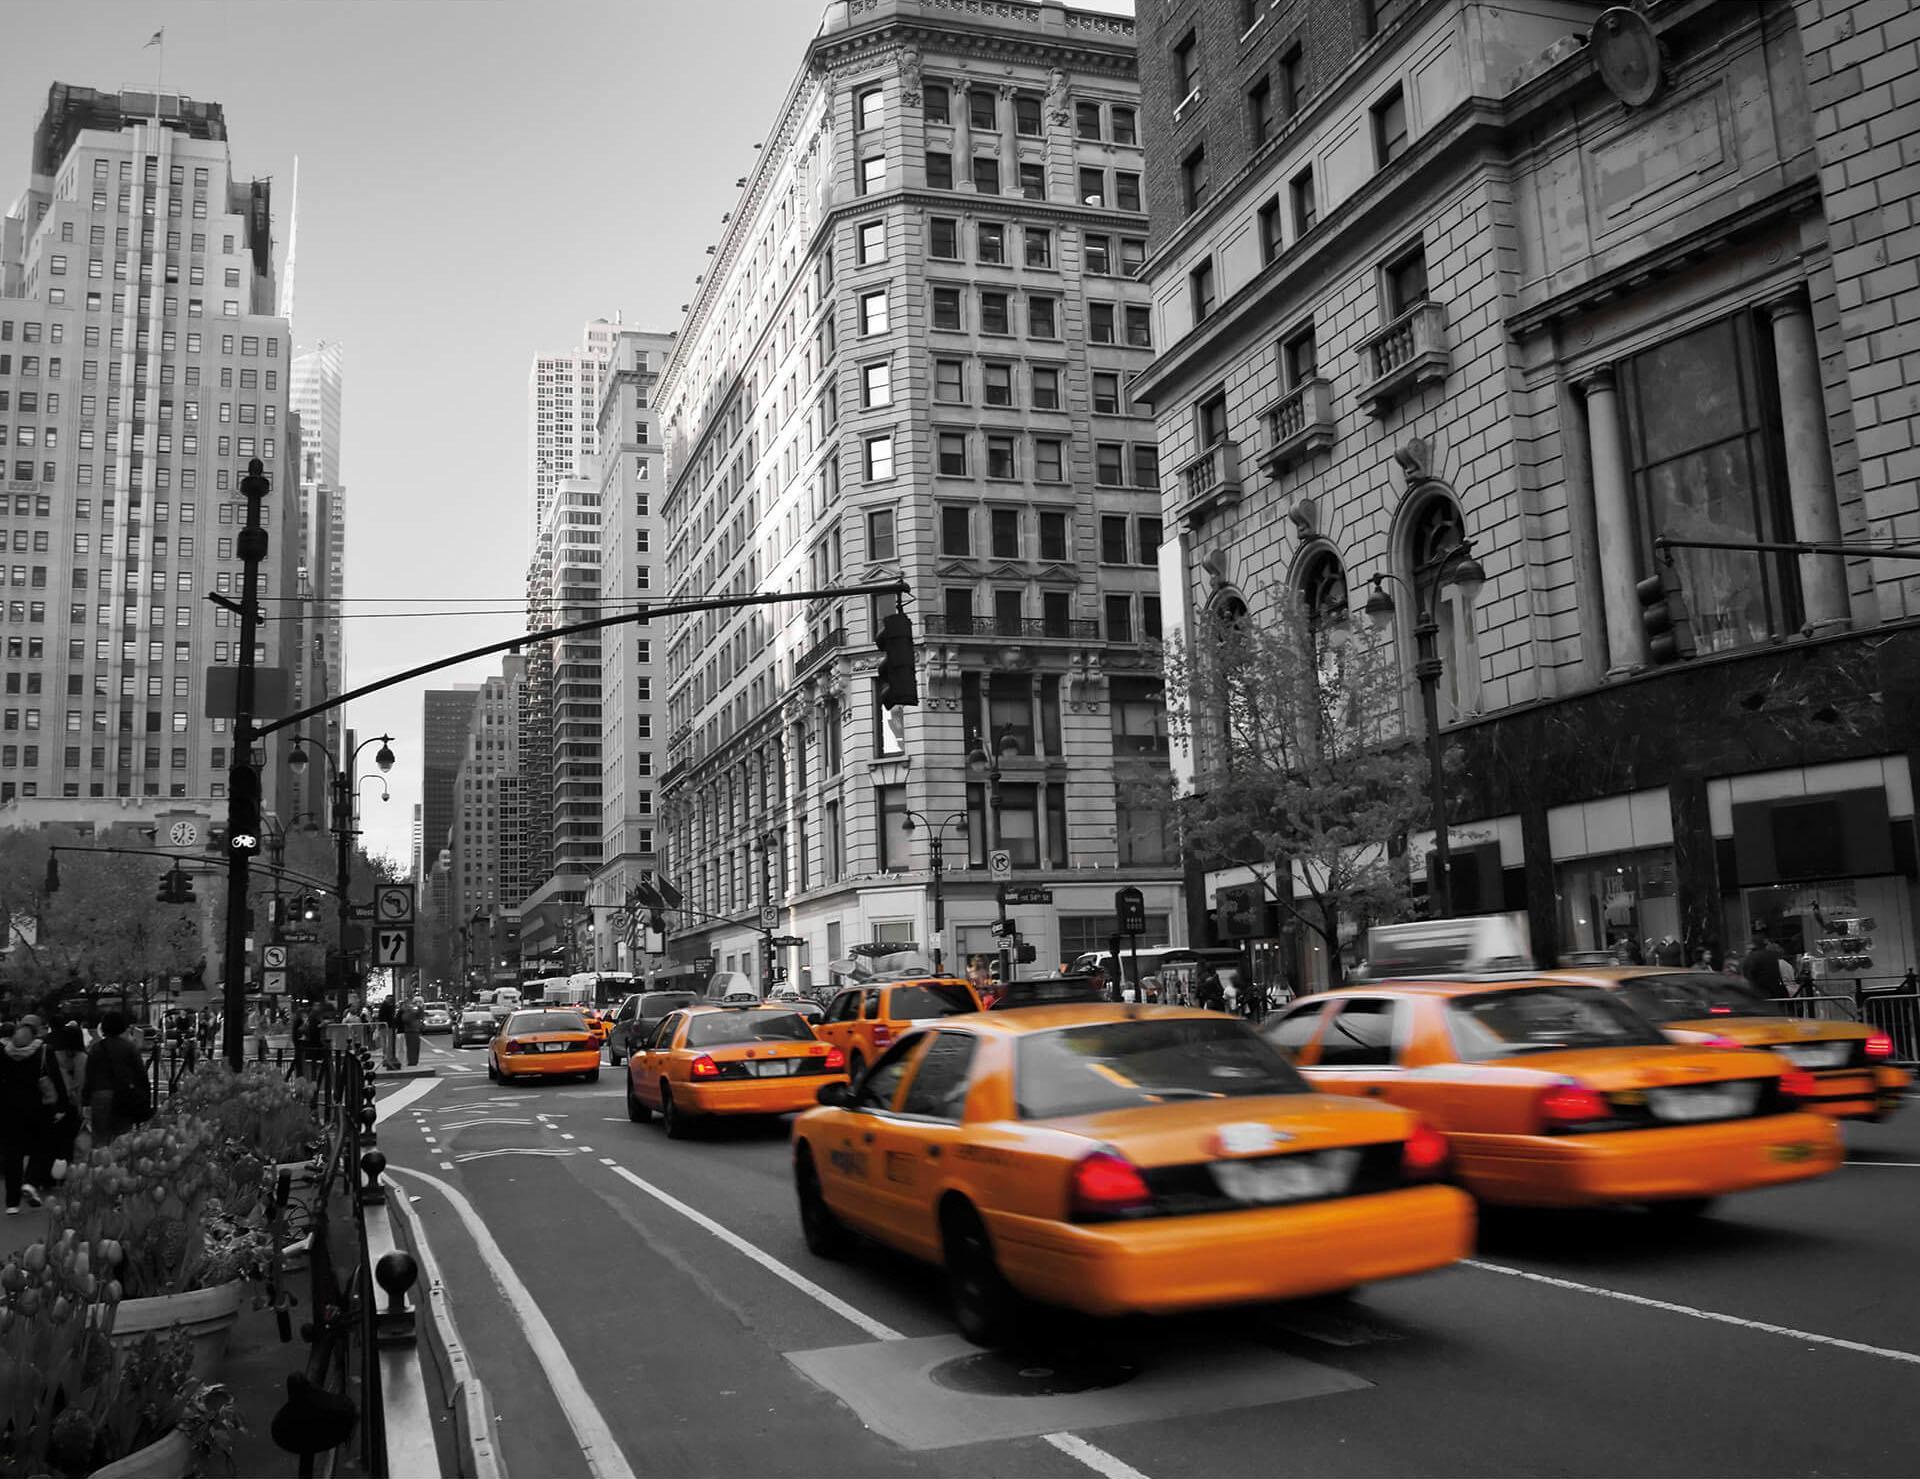 Vliestapete Cabs in Manhattan Wohnen/Wohntextilien/Tapeten/Fototapeten/Fototapeten Stadt